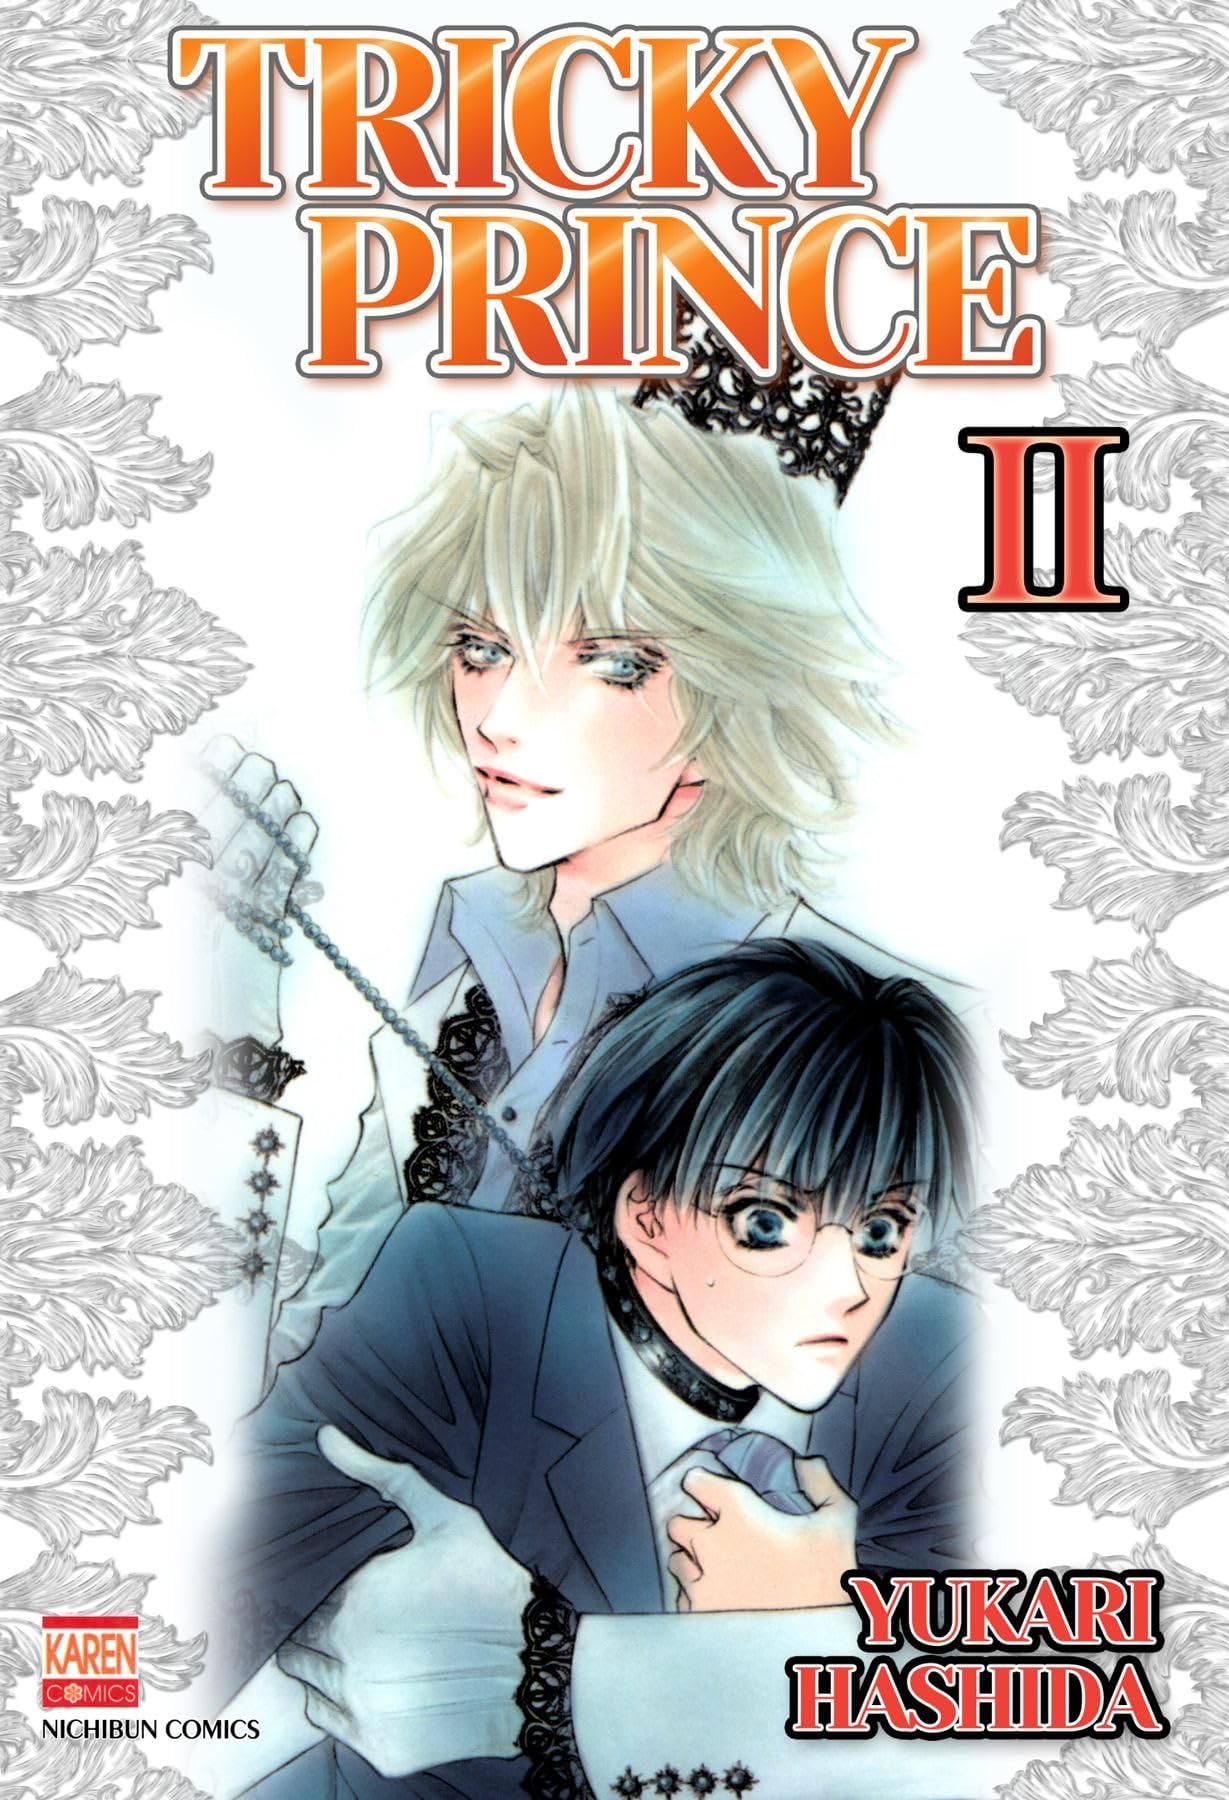 TRICKY PRINCE Vol. 2